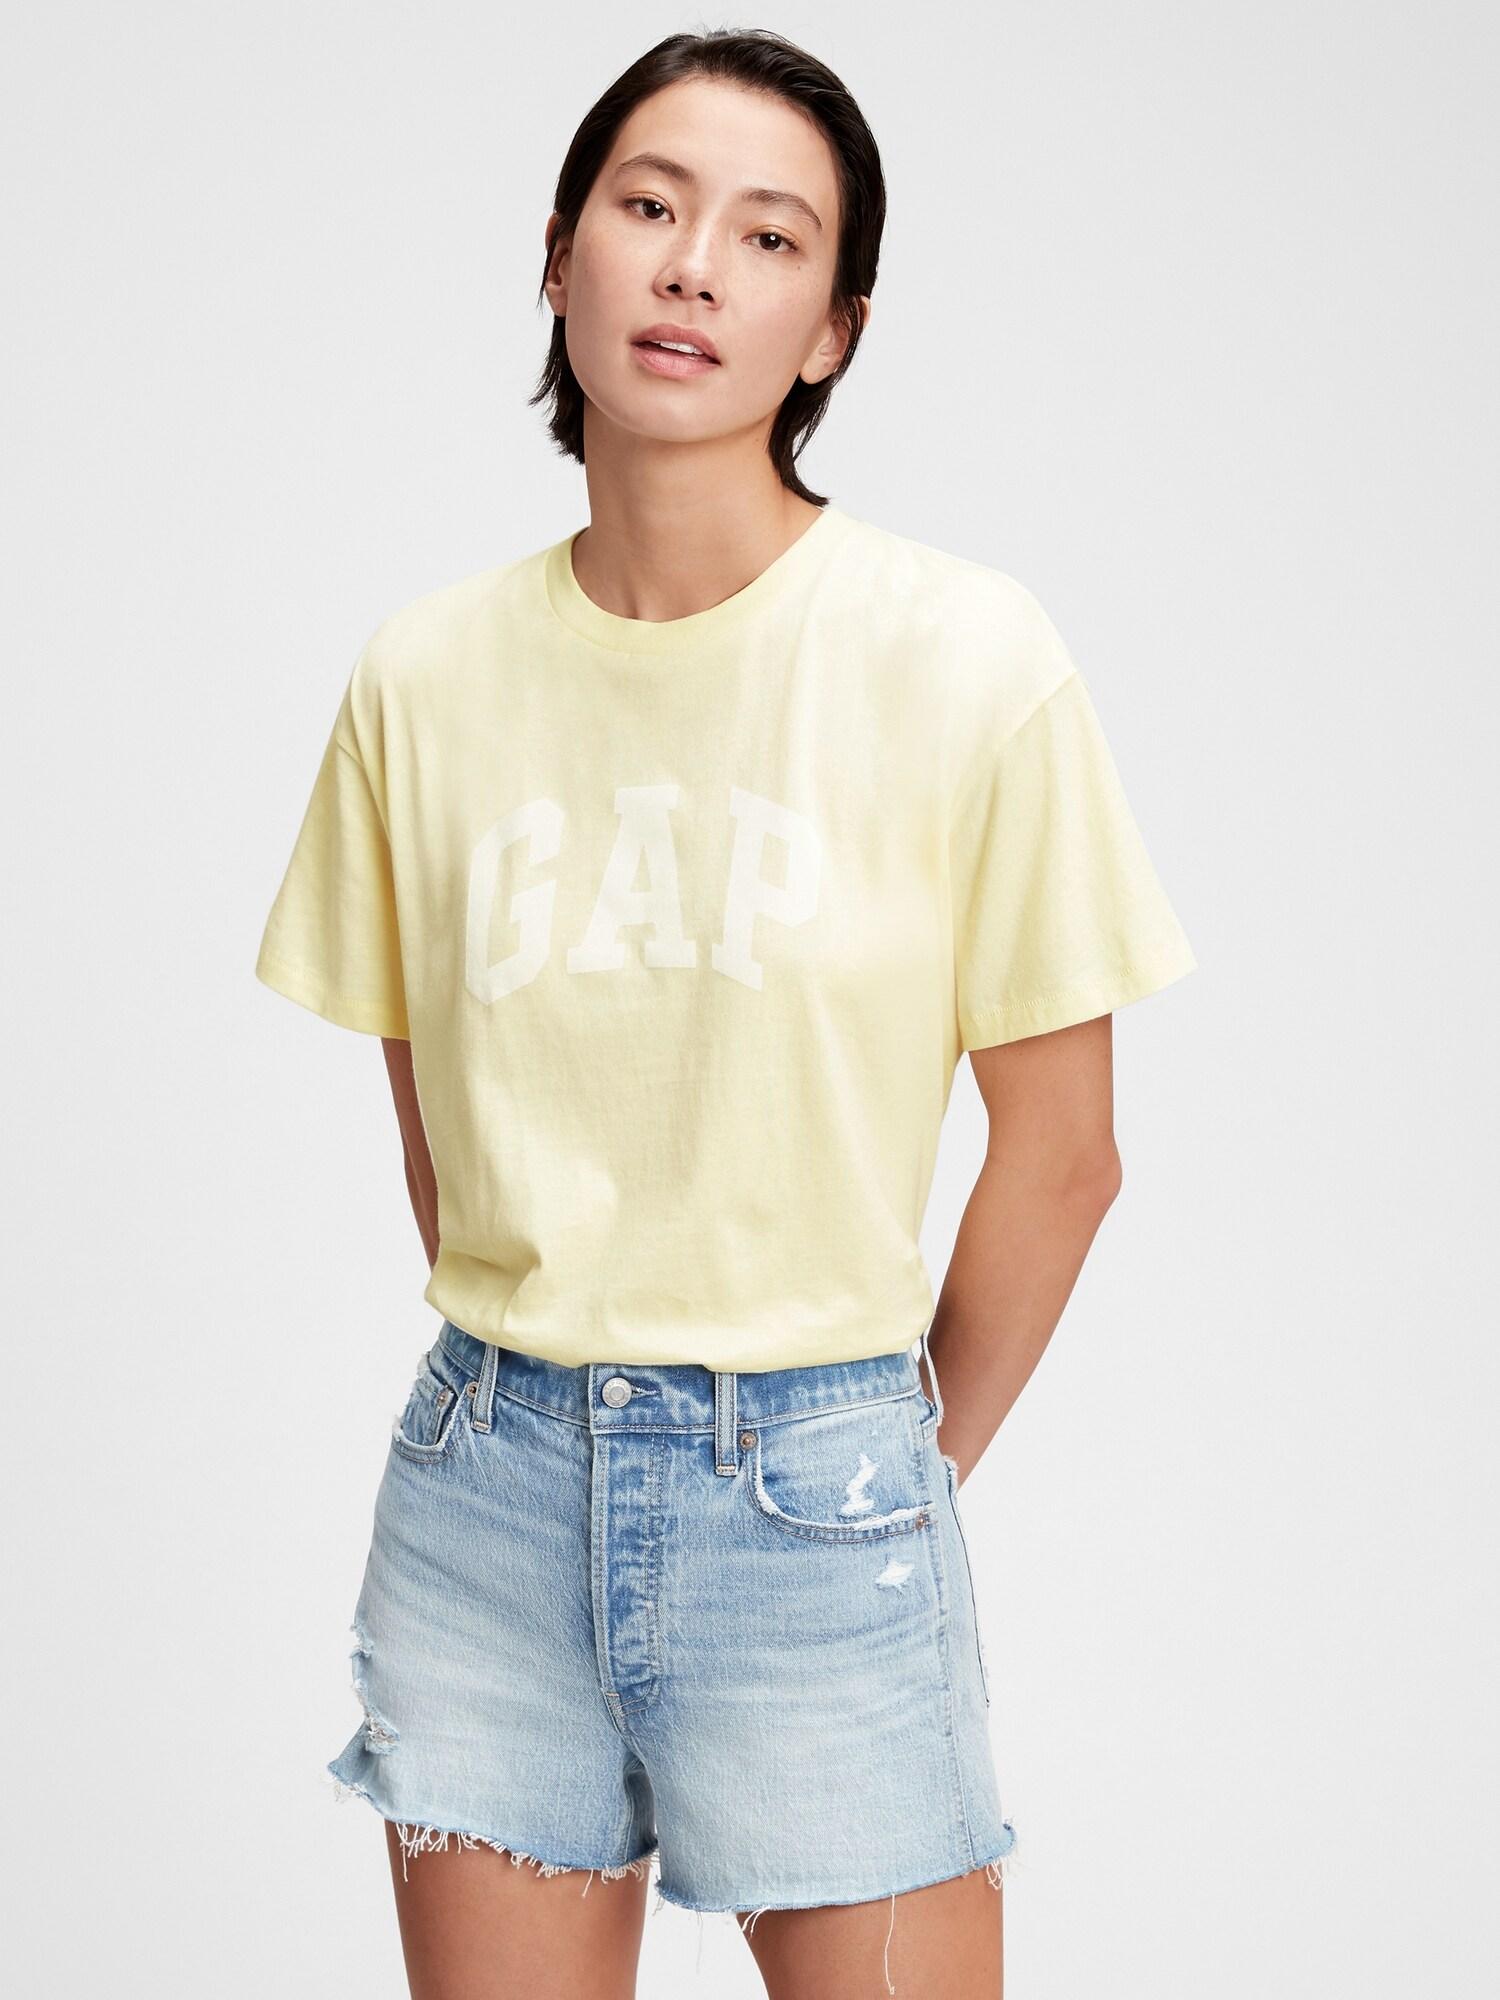 GAP Women's t-shirt yellow